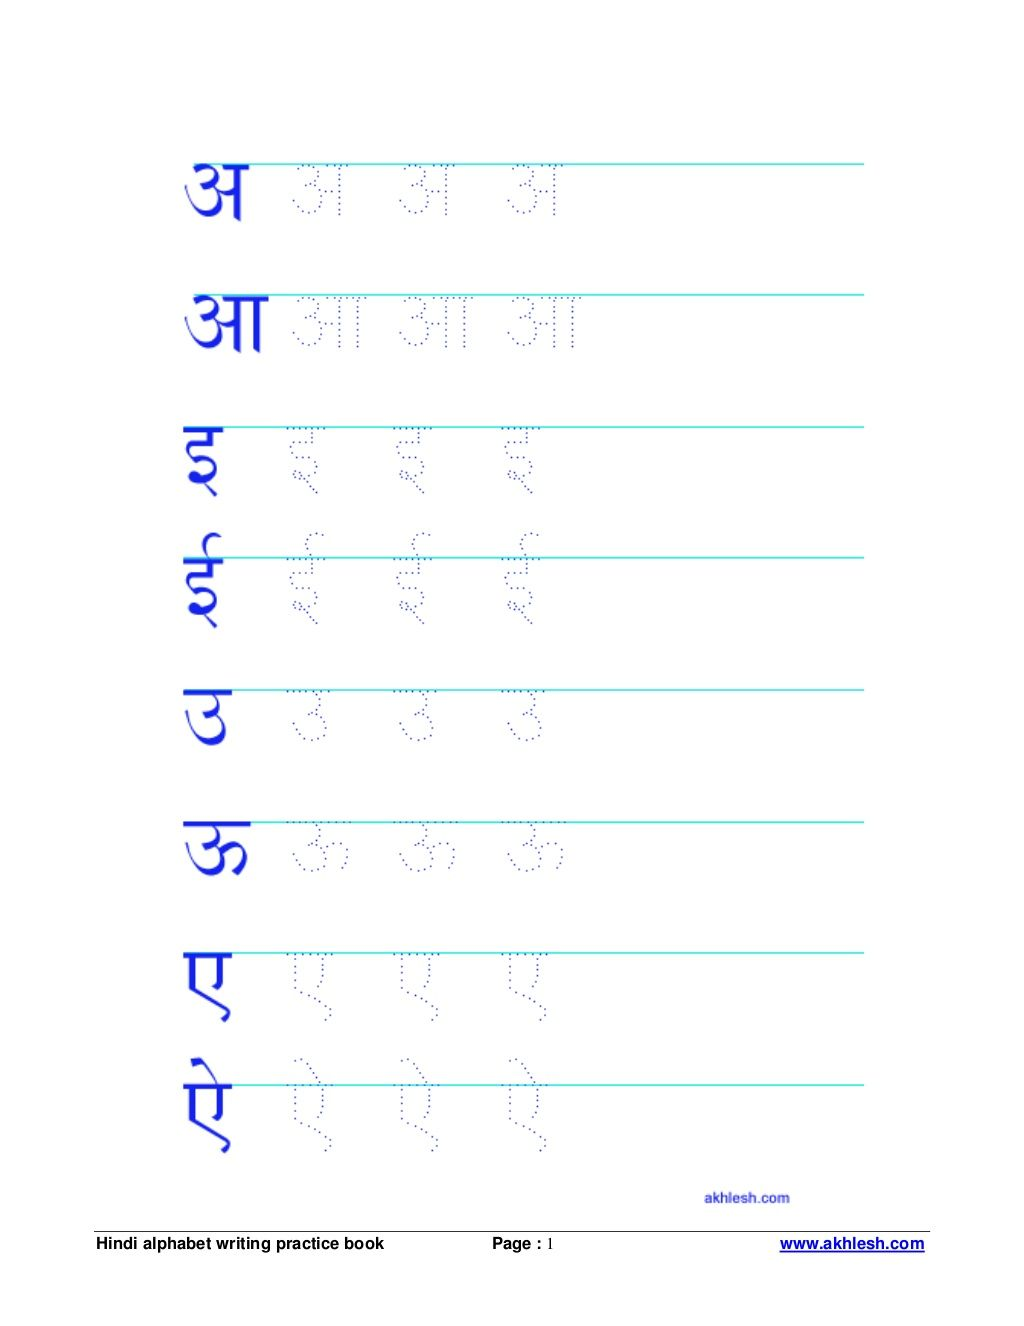 Hindi Alphabet Writing Practice Book Page 1 Akhlesh